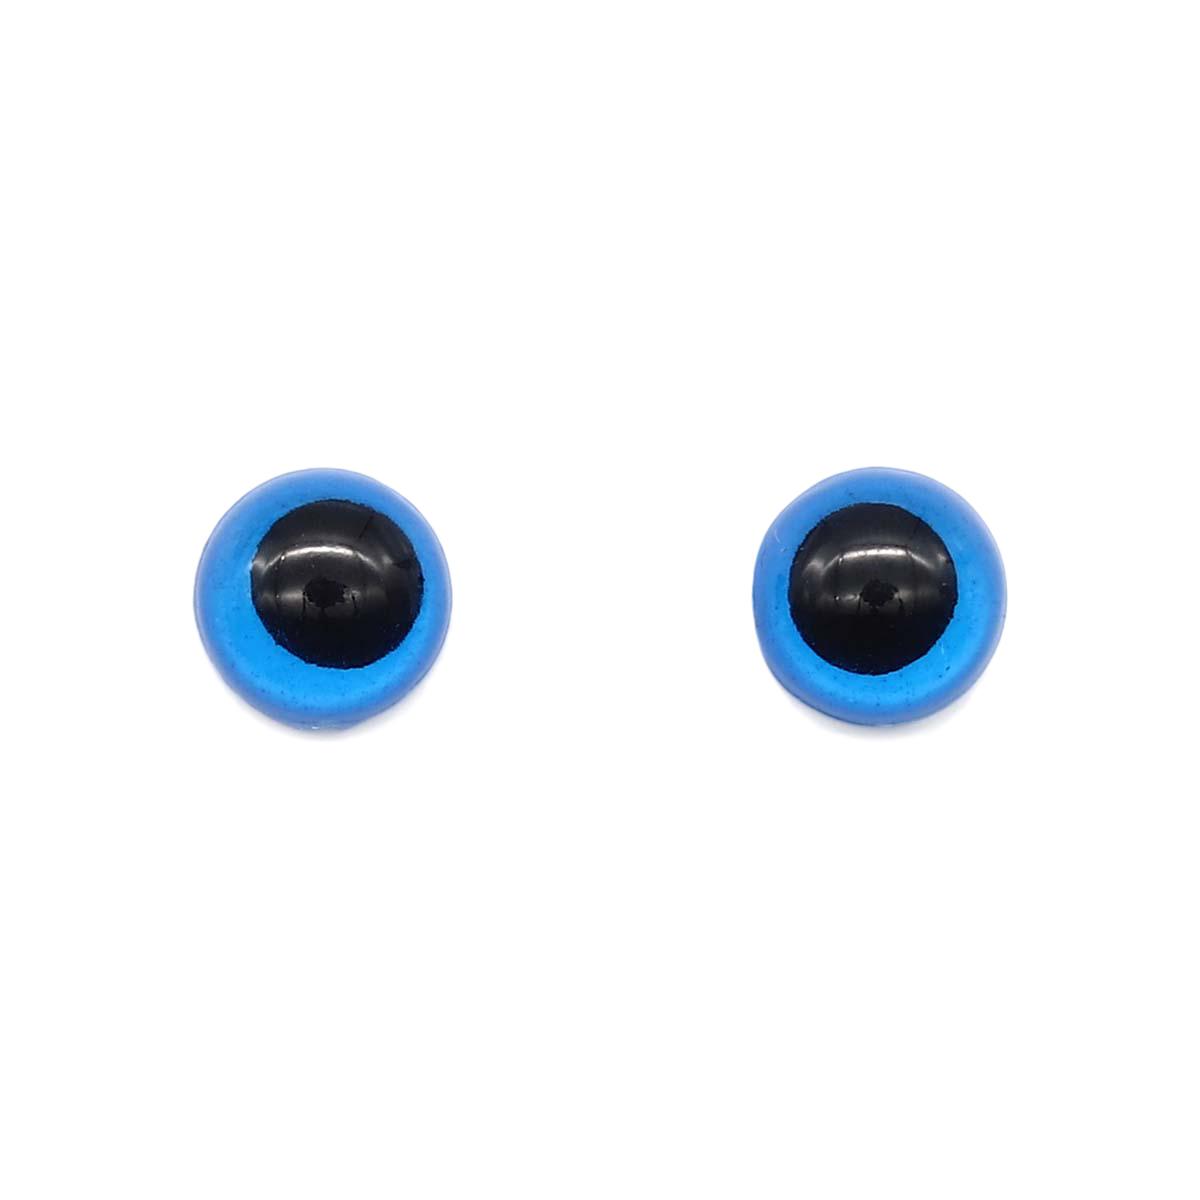 28542 Глазки 12мм (фикс. при помощи клея), уп/8шт, цв.синий